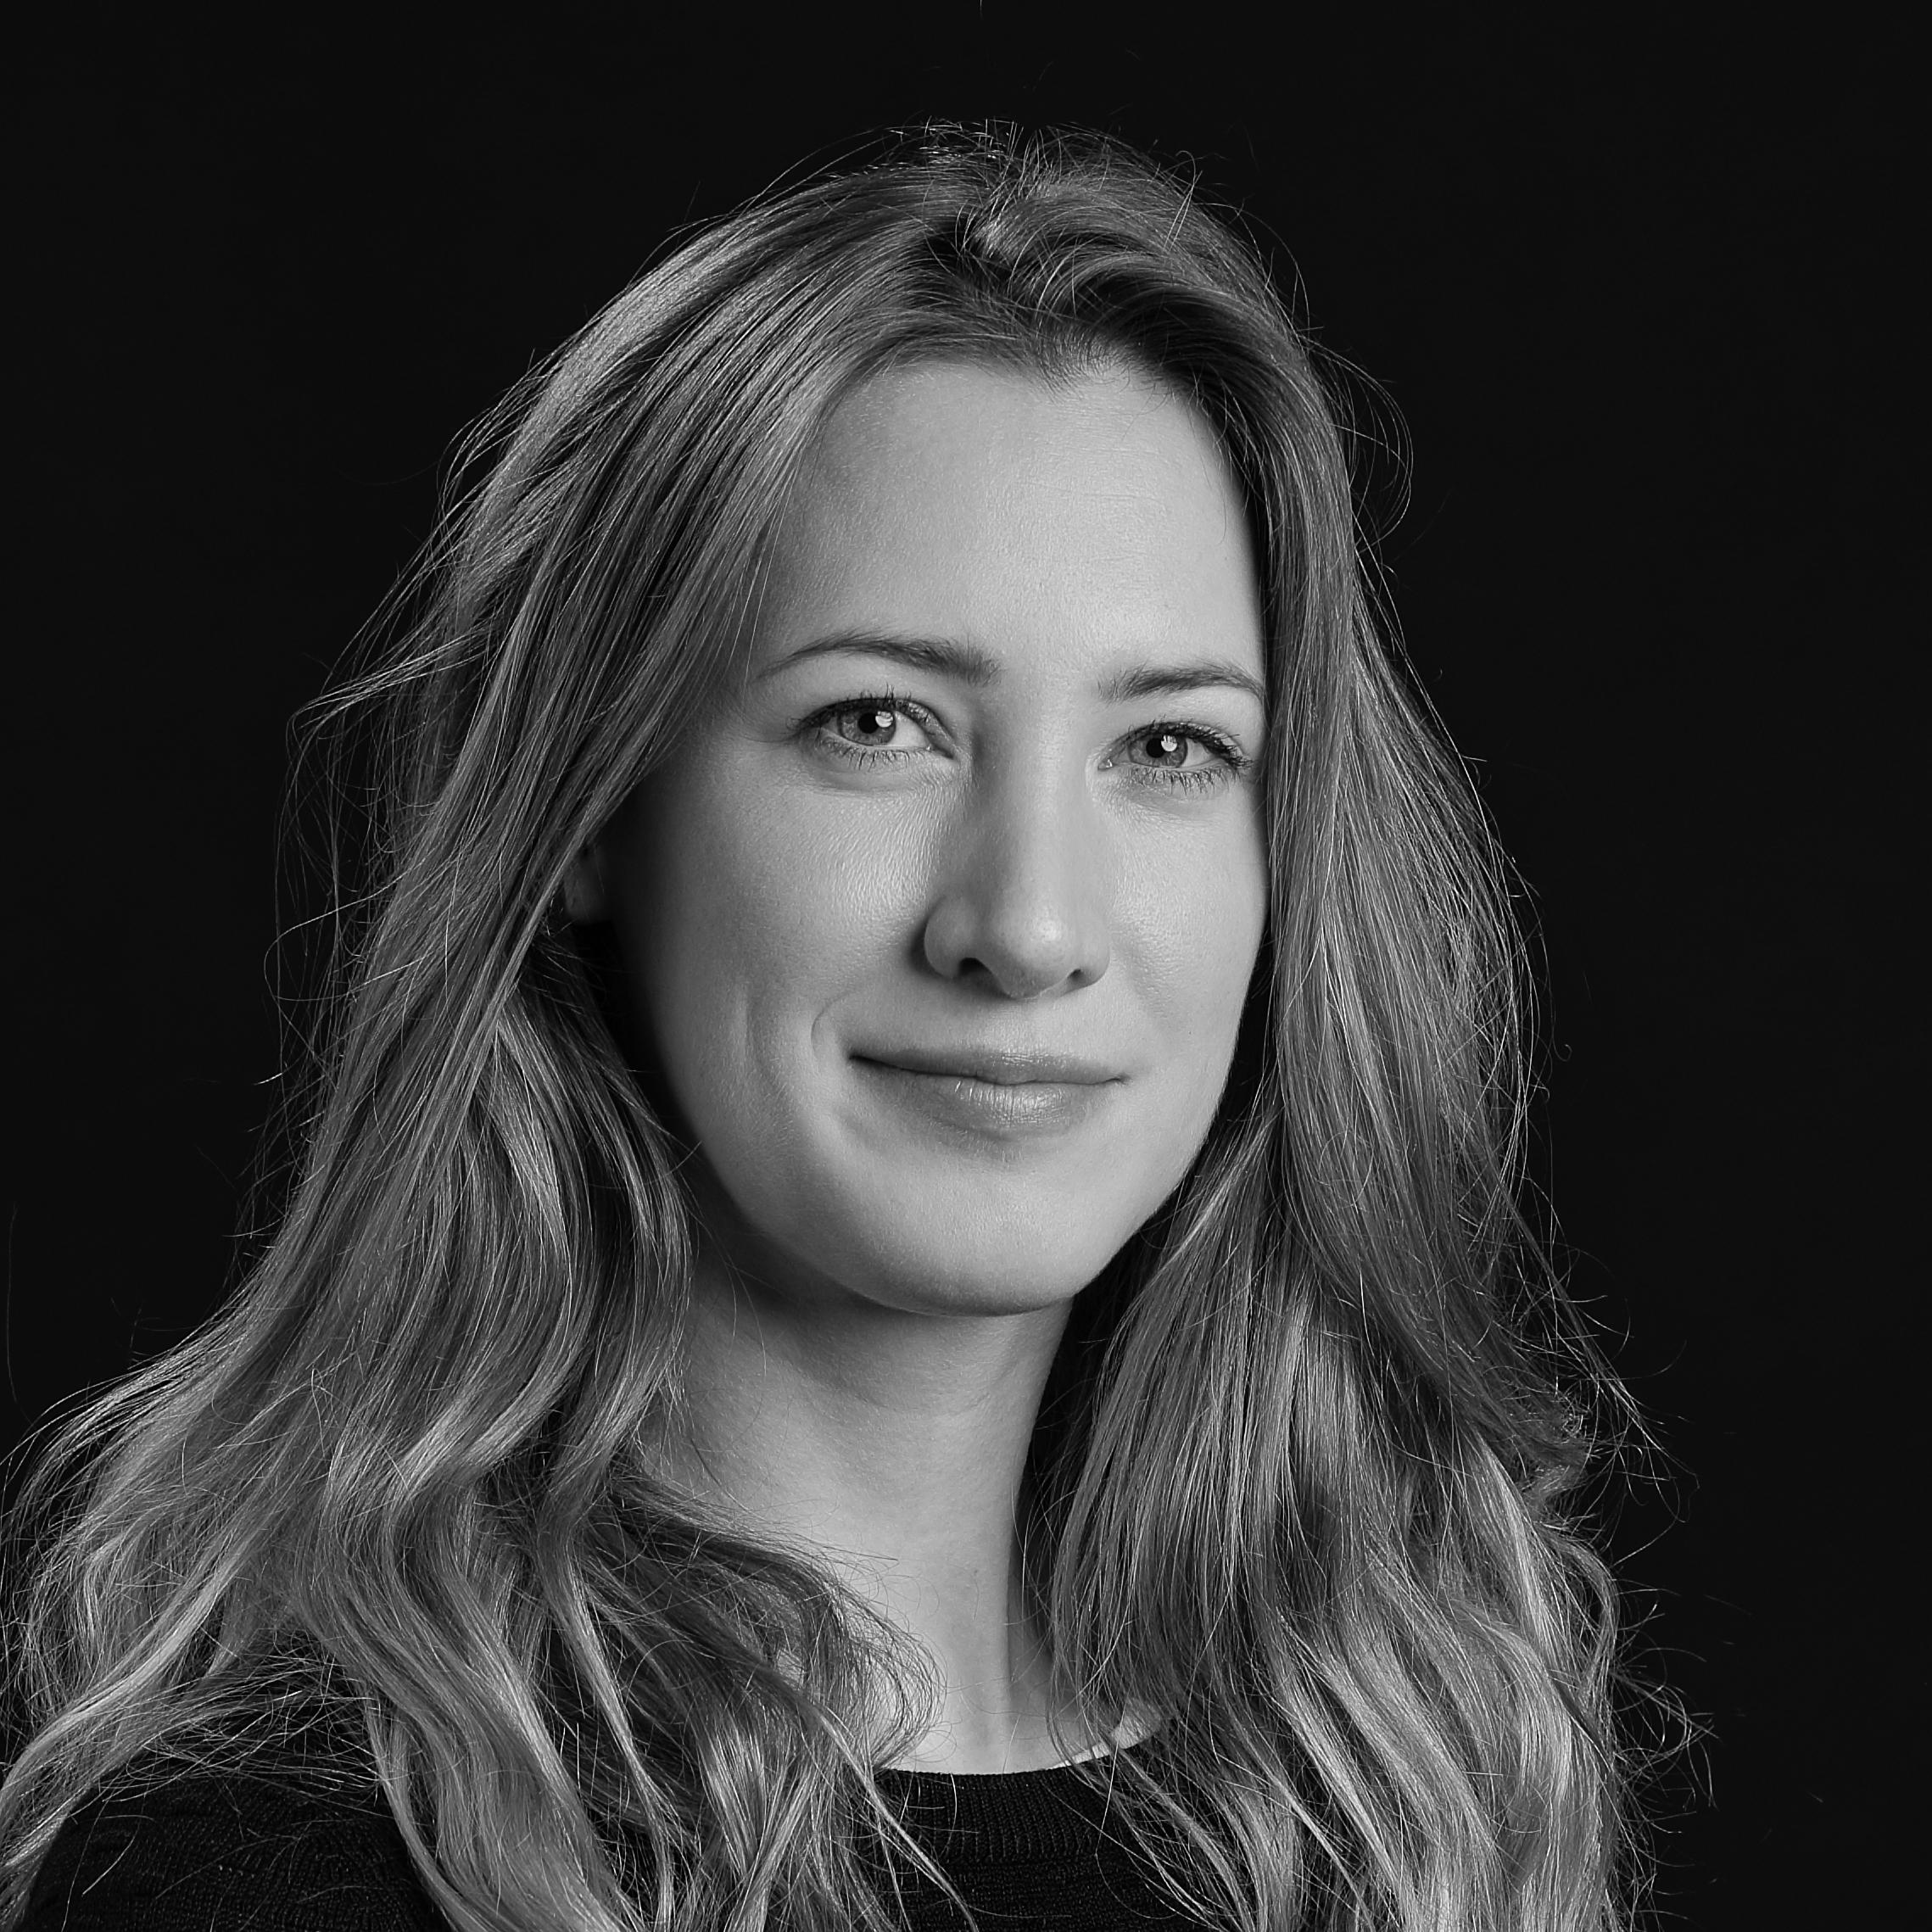 Lisa Stevenhagen